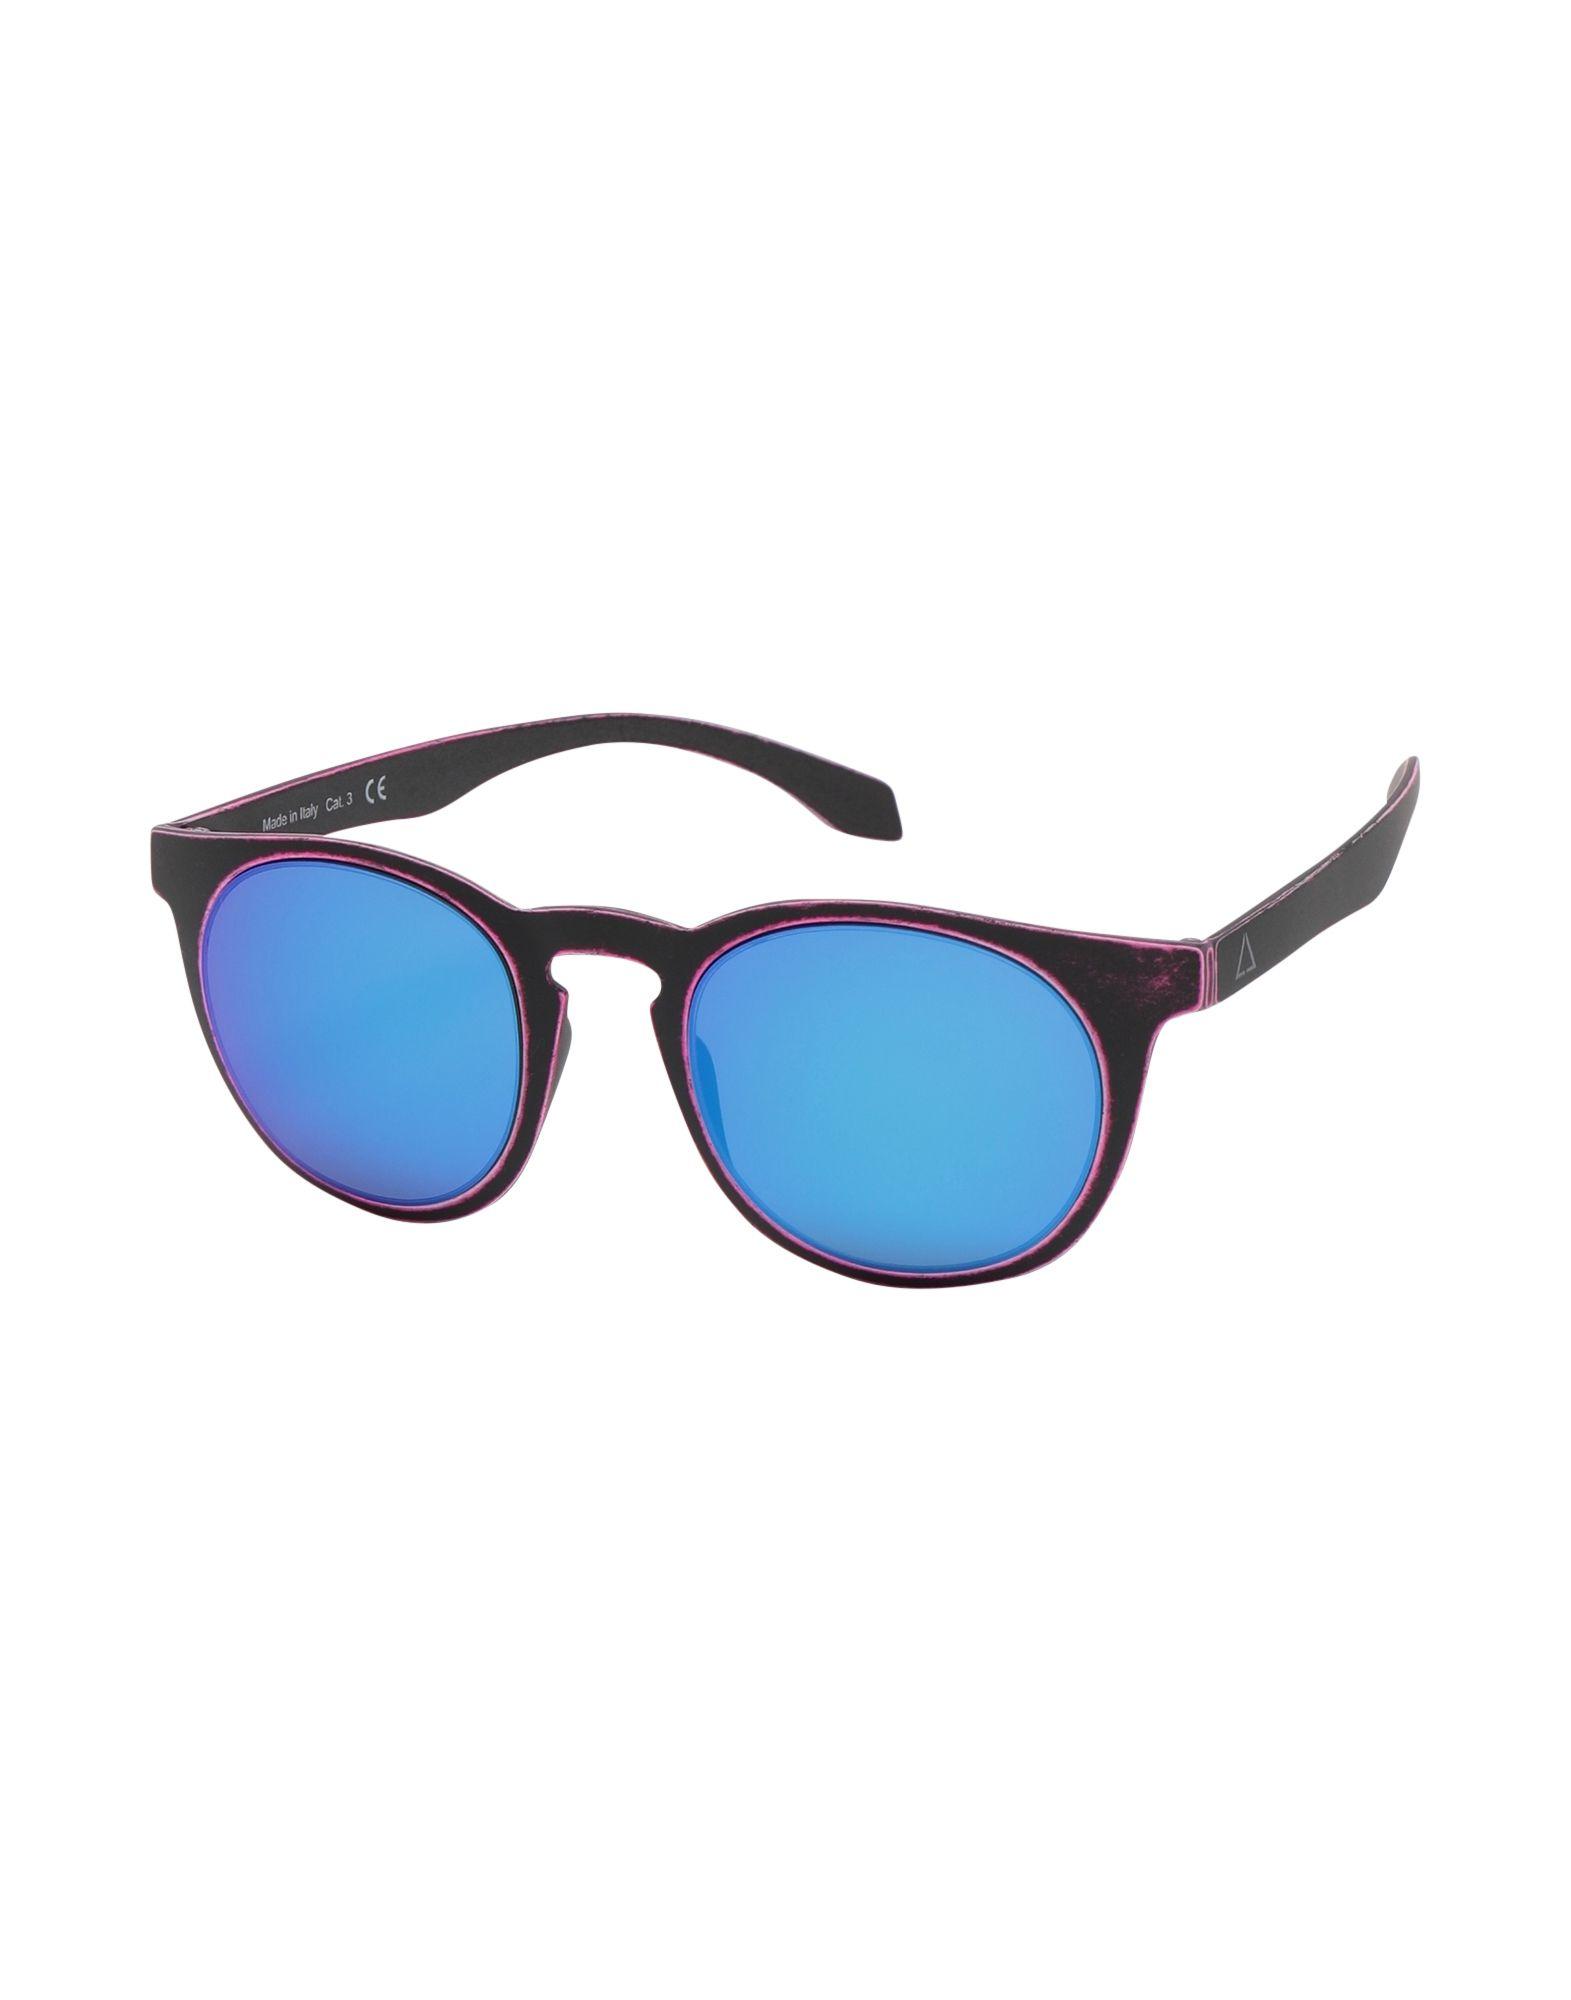 ALSTECA Sunglasses - Item 46656840